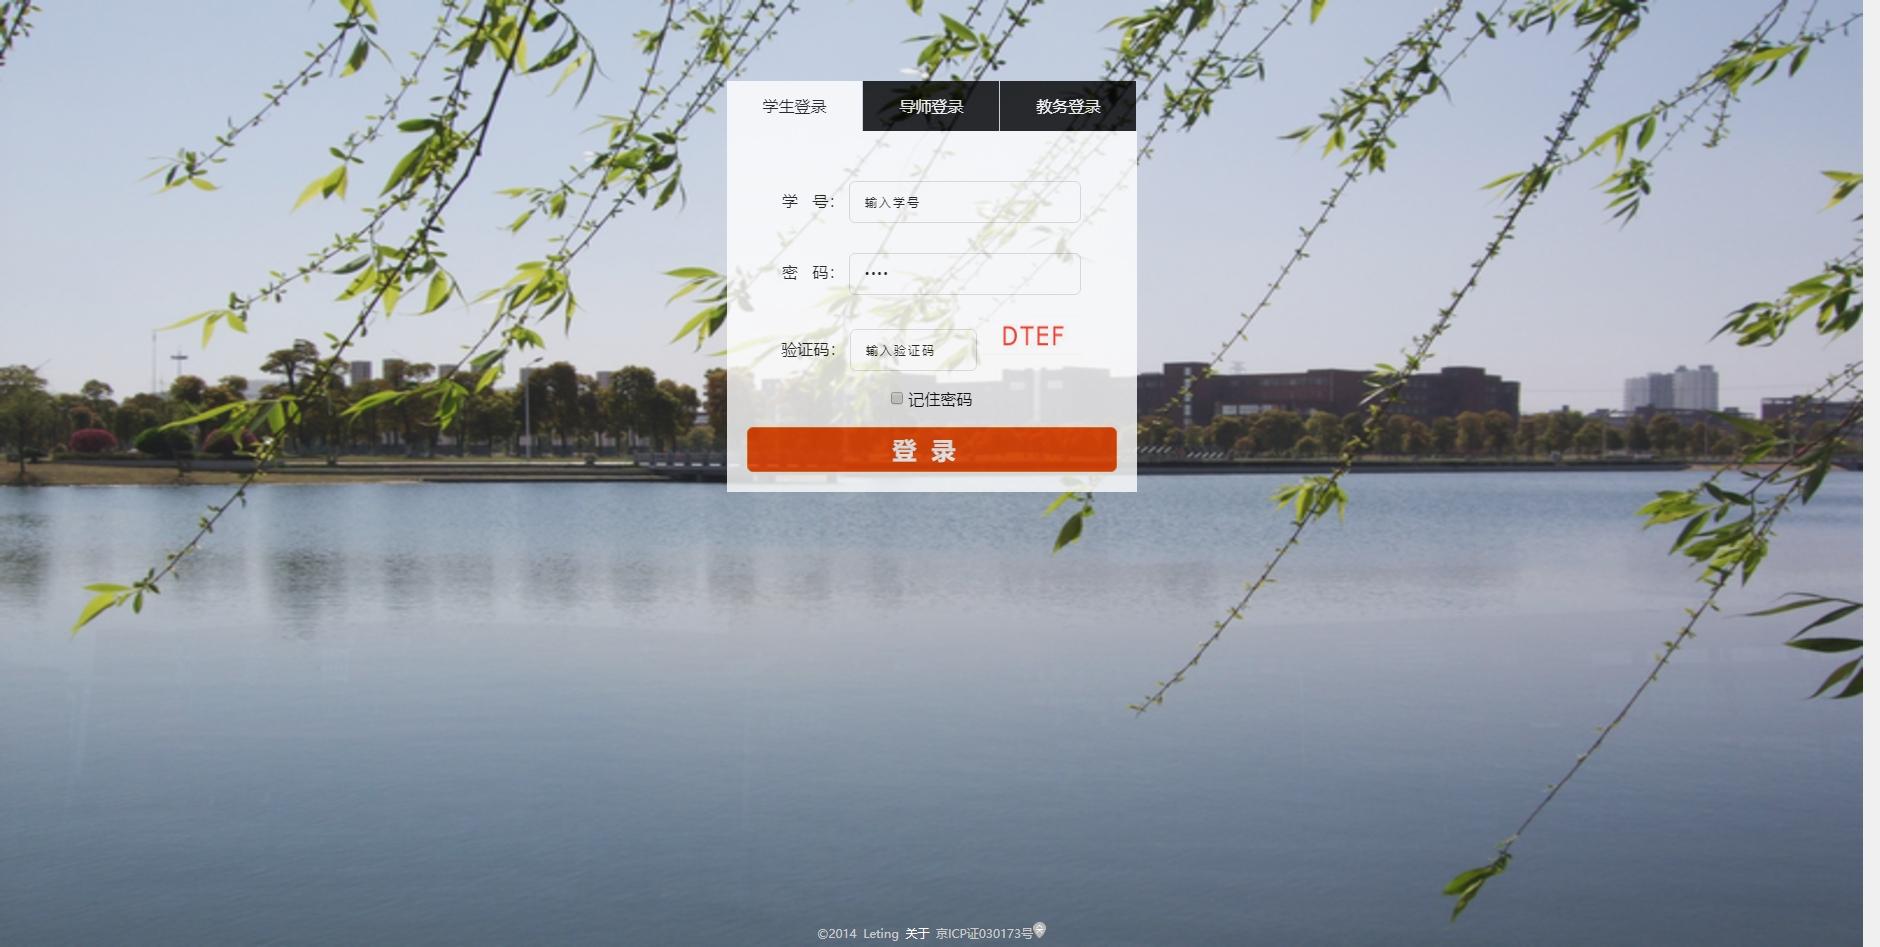 学校后台管理系统登录界面模板html